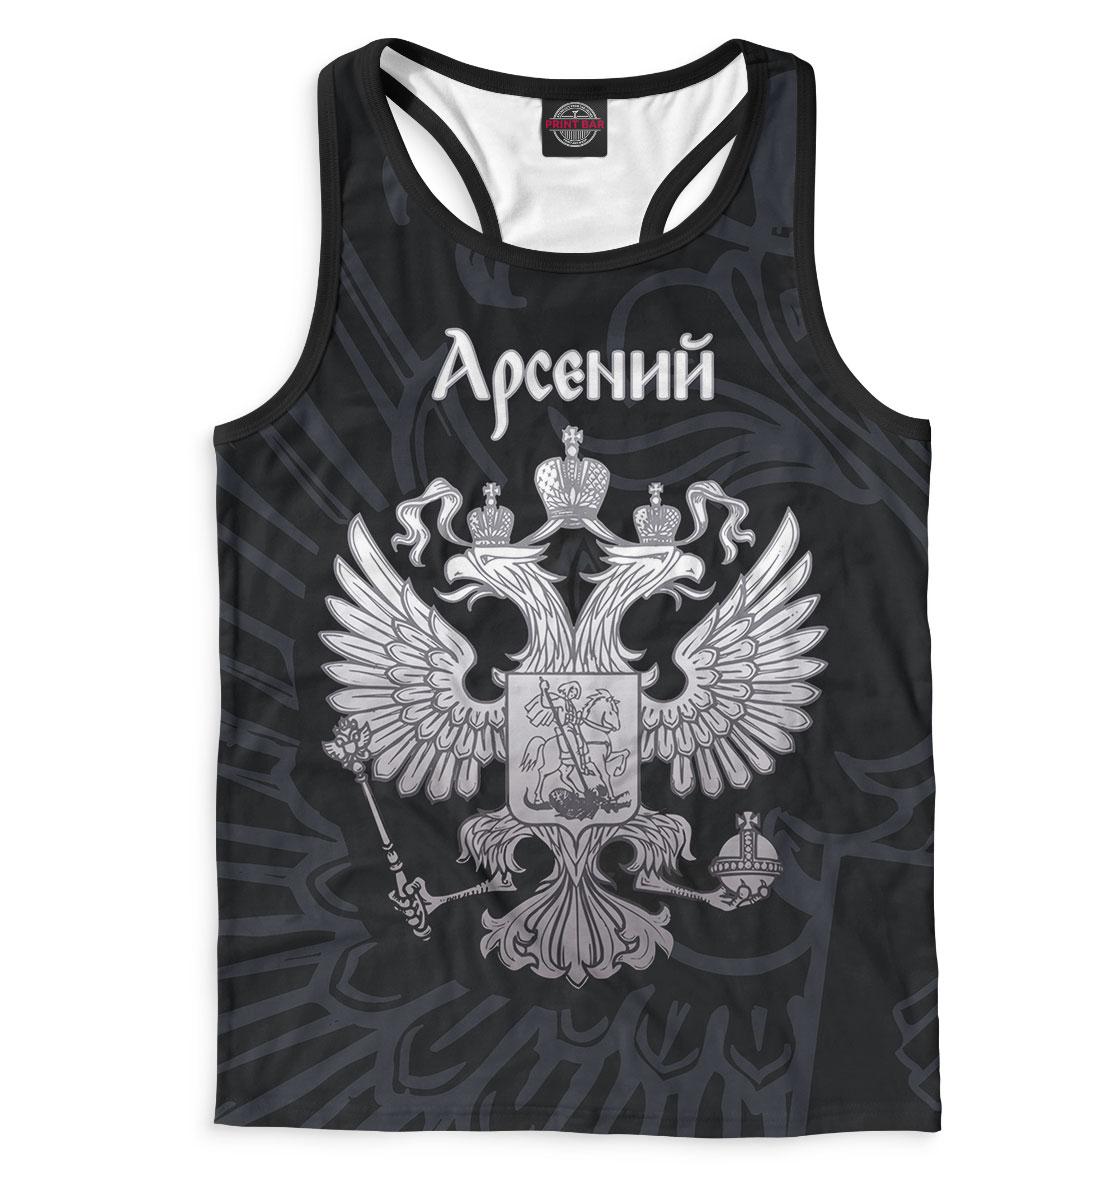 Купить Арсений, Printbar, Майки борцовки, ASN-162565-mayb-2